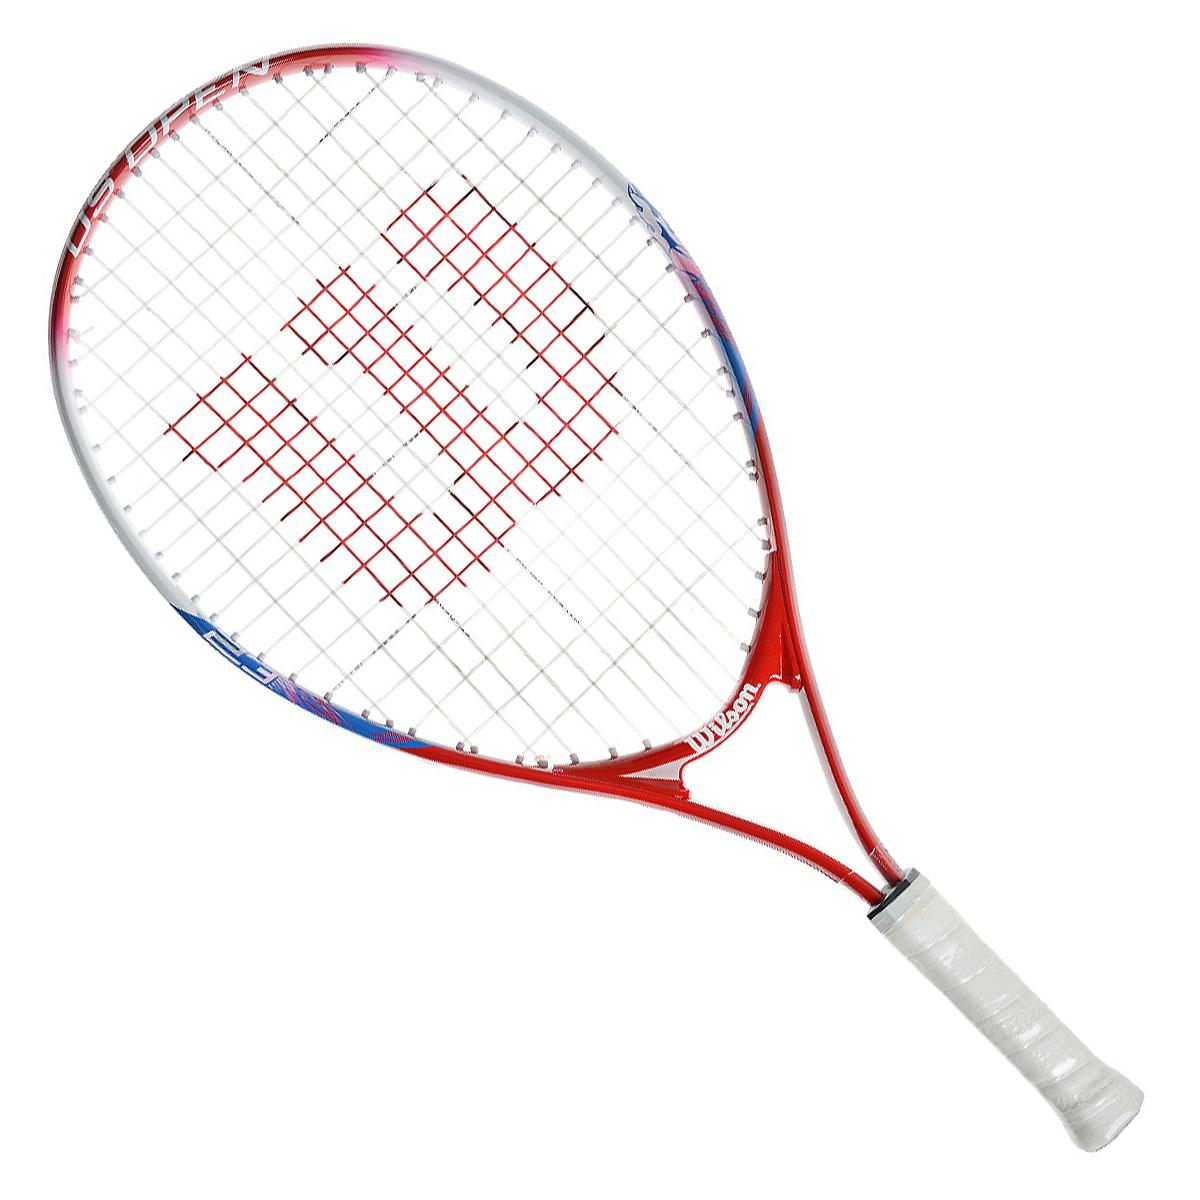 Ракетка детская Wilson US Open 2352466Детская теннисная ракетка Wilson US Open 23 отлично подойдет для начинающих спортсменов возрастом 7-8 лет. Титановый сплав обеспечивает изделию дополнительную прочность. Ракетка имеет небольшой вес для более удобного замаха.